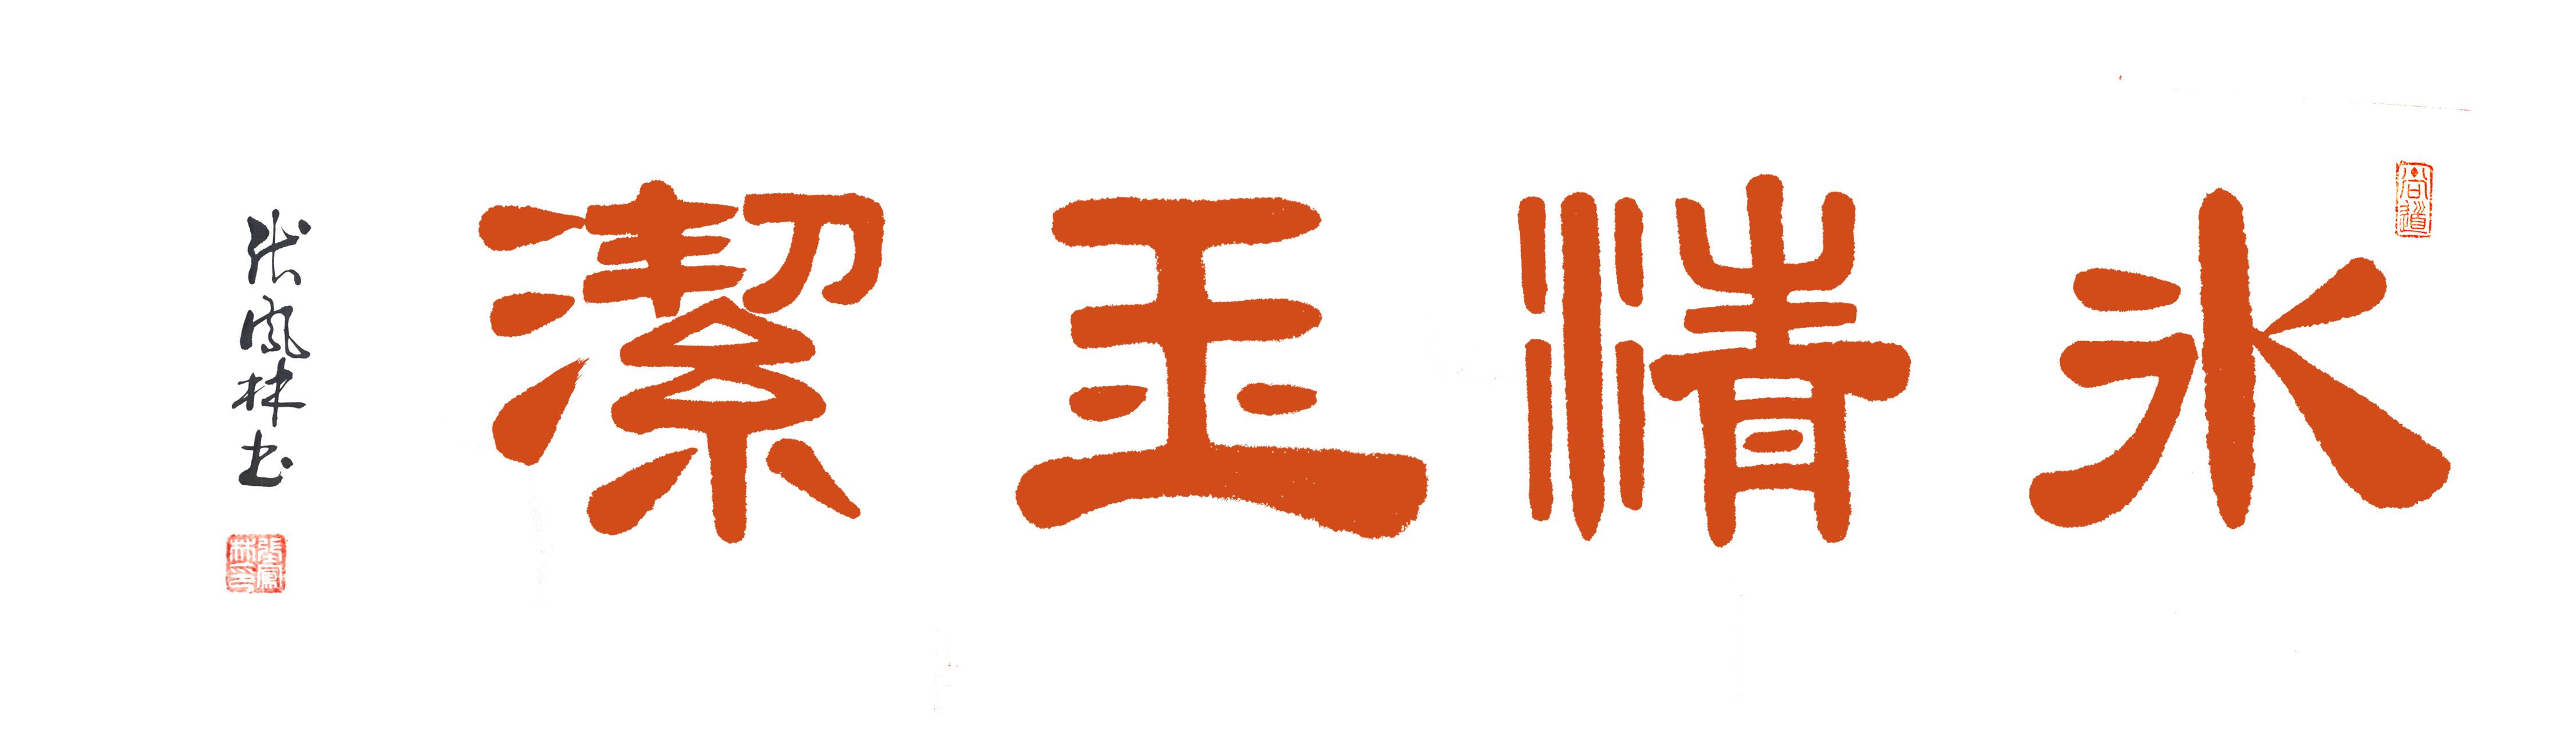 張鳳林道長書畫作品